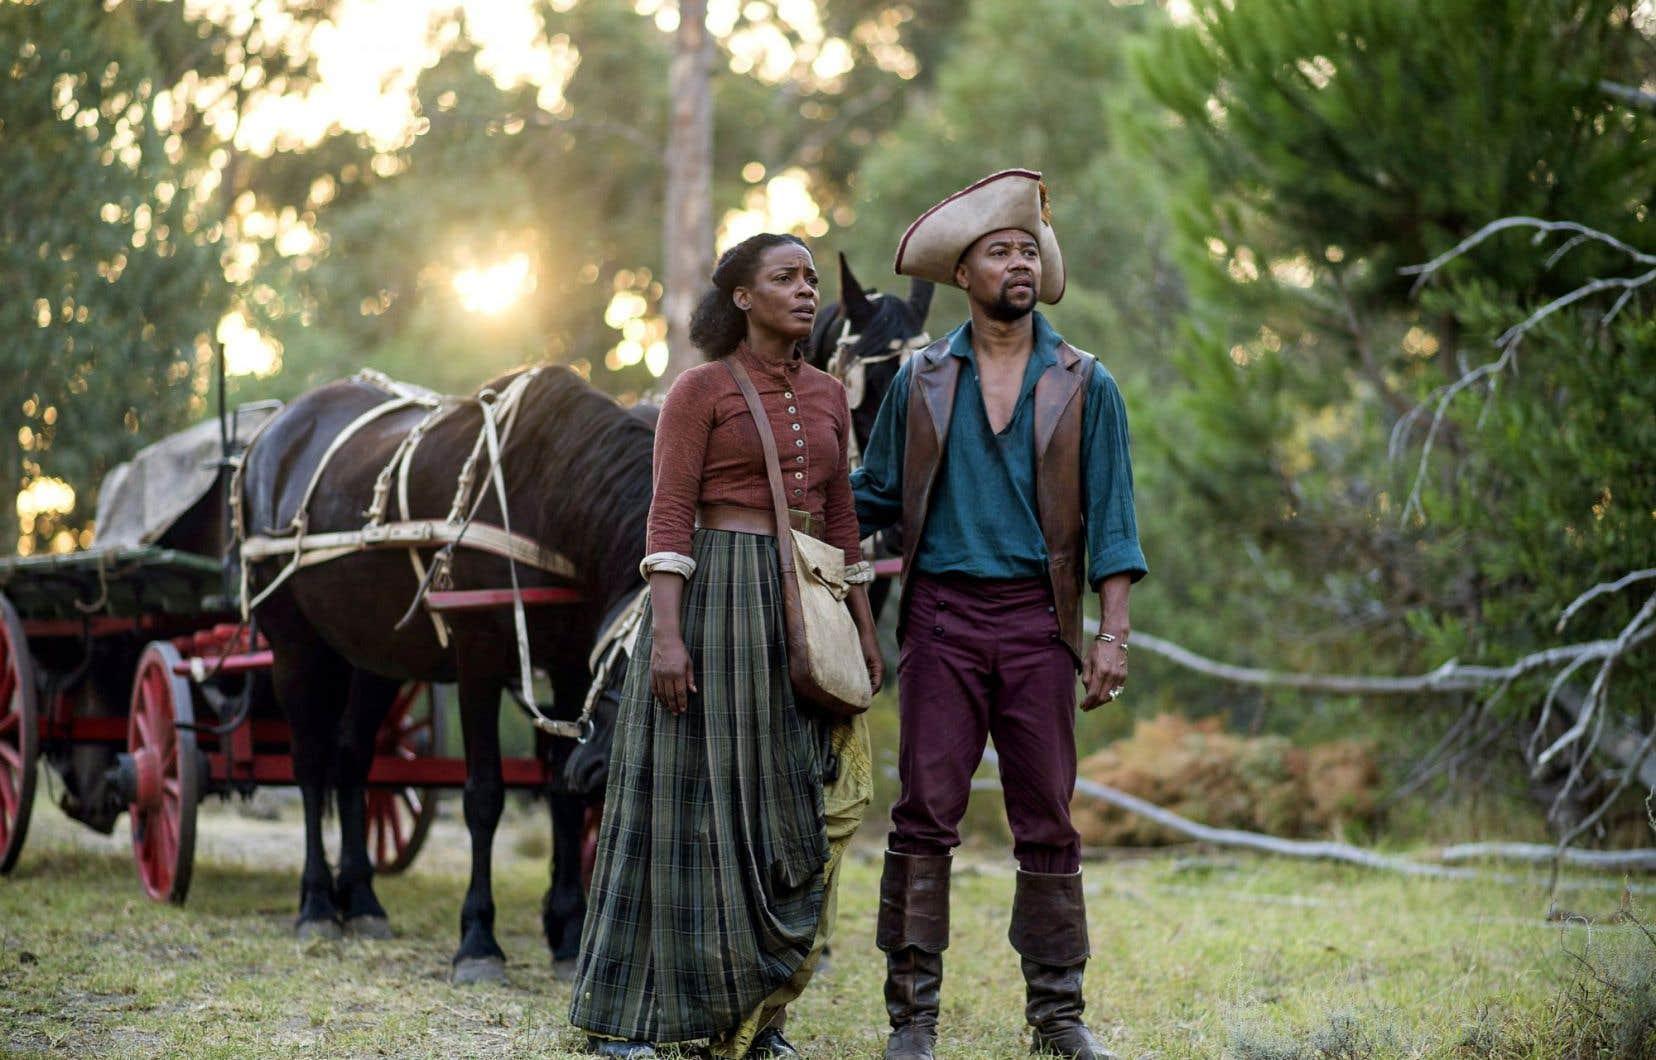 «The Book of Negroes» se retrouve en nomination pour une douzaine de prix Écrans canadiens, distribués par l'Académie canadienne du cinéma et de la télévision.